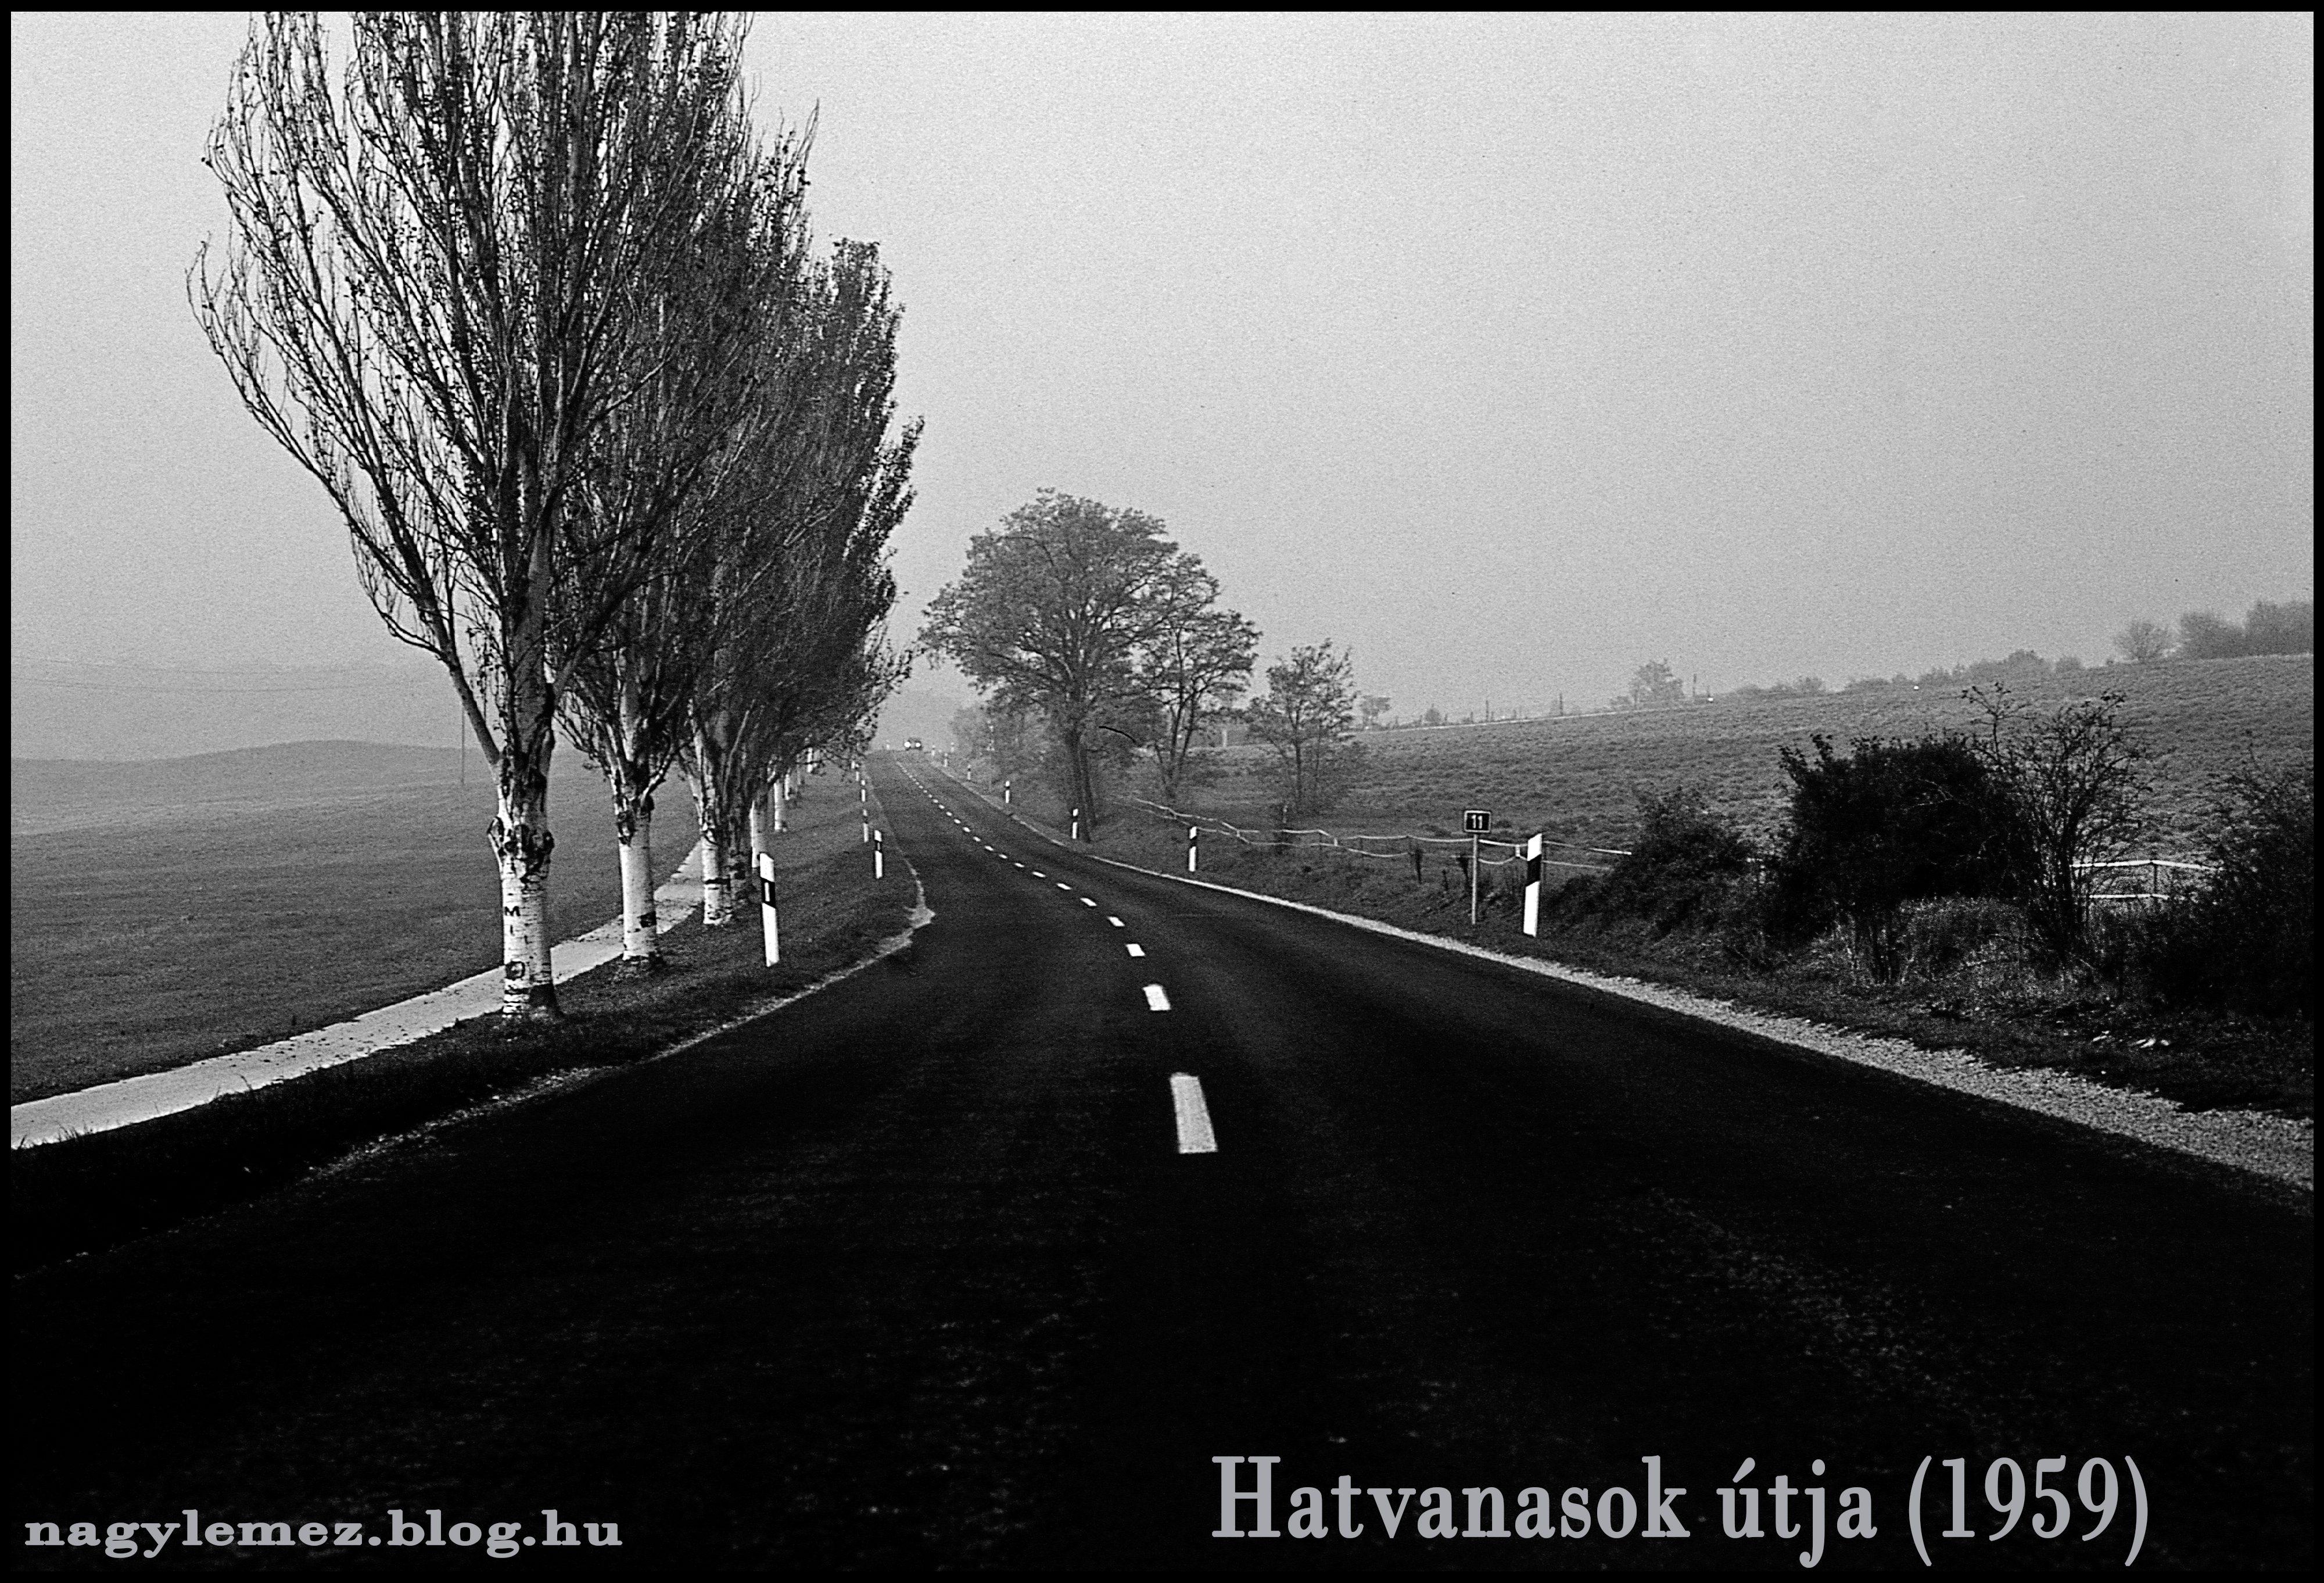 A HATVANASOK KLUBJA (1959)